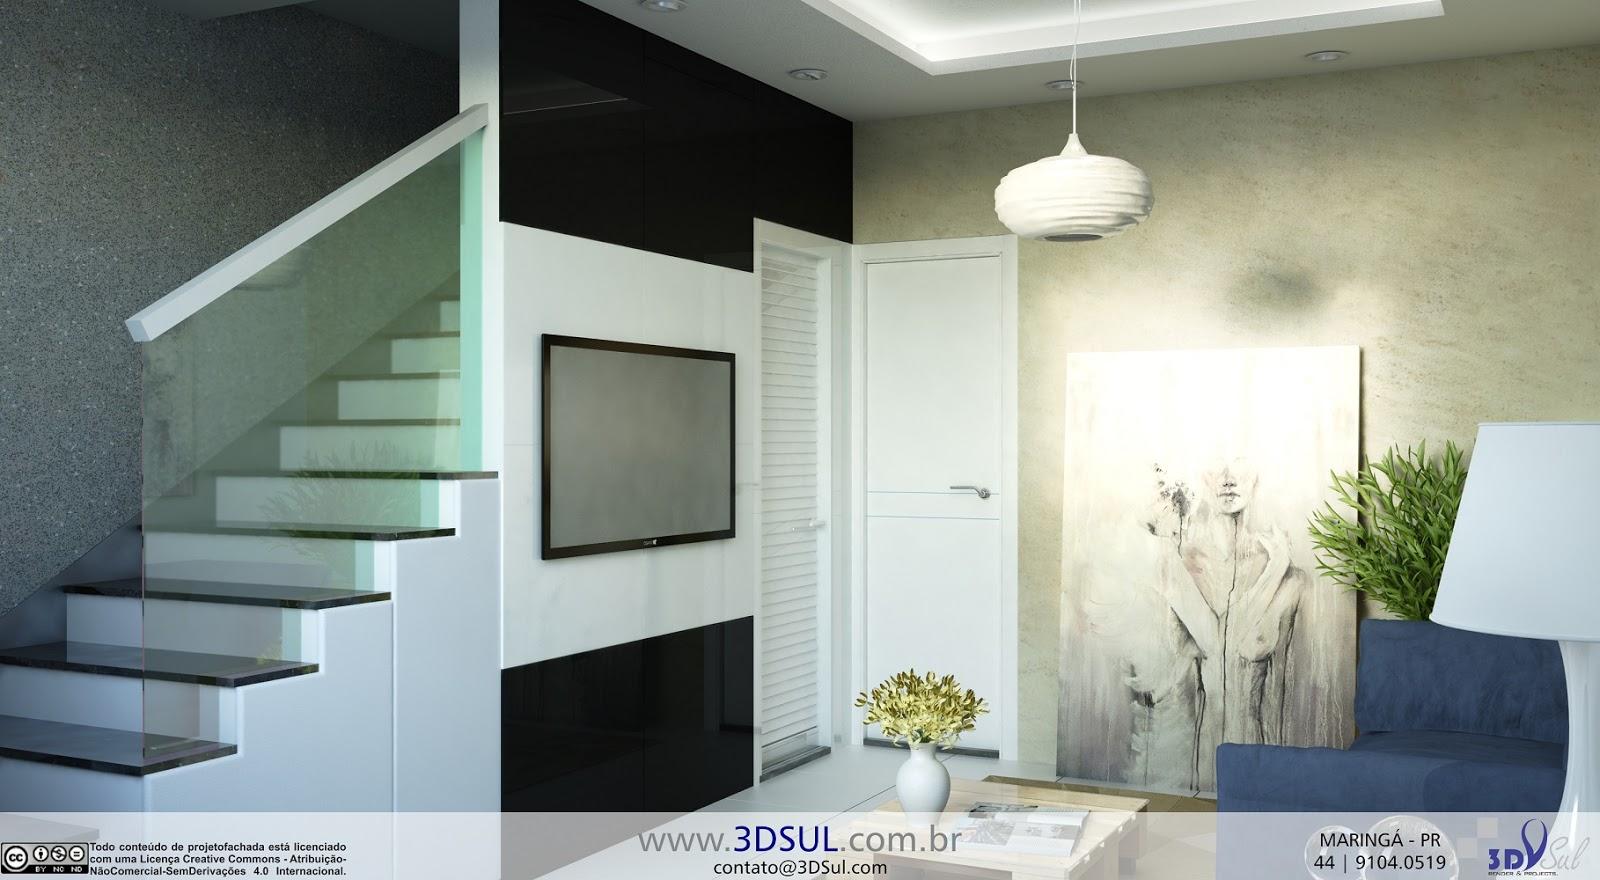 3dsul maquete eletr nica 3d for Salas pequenas e modernas